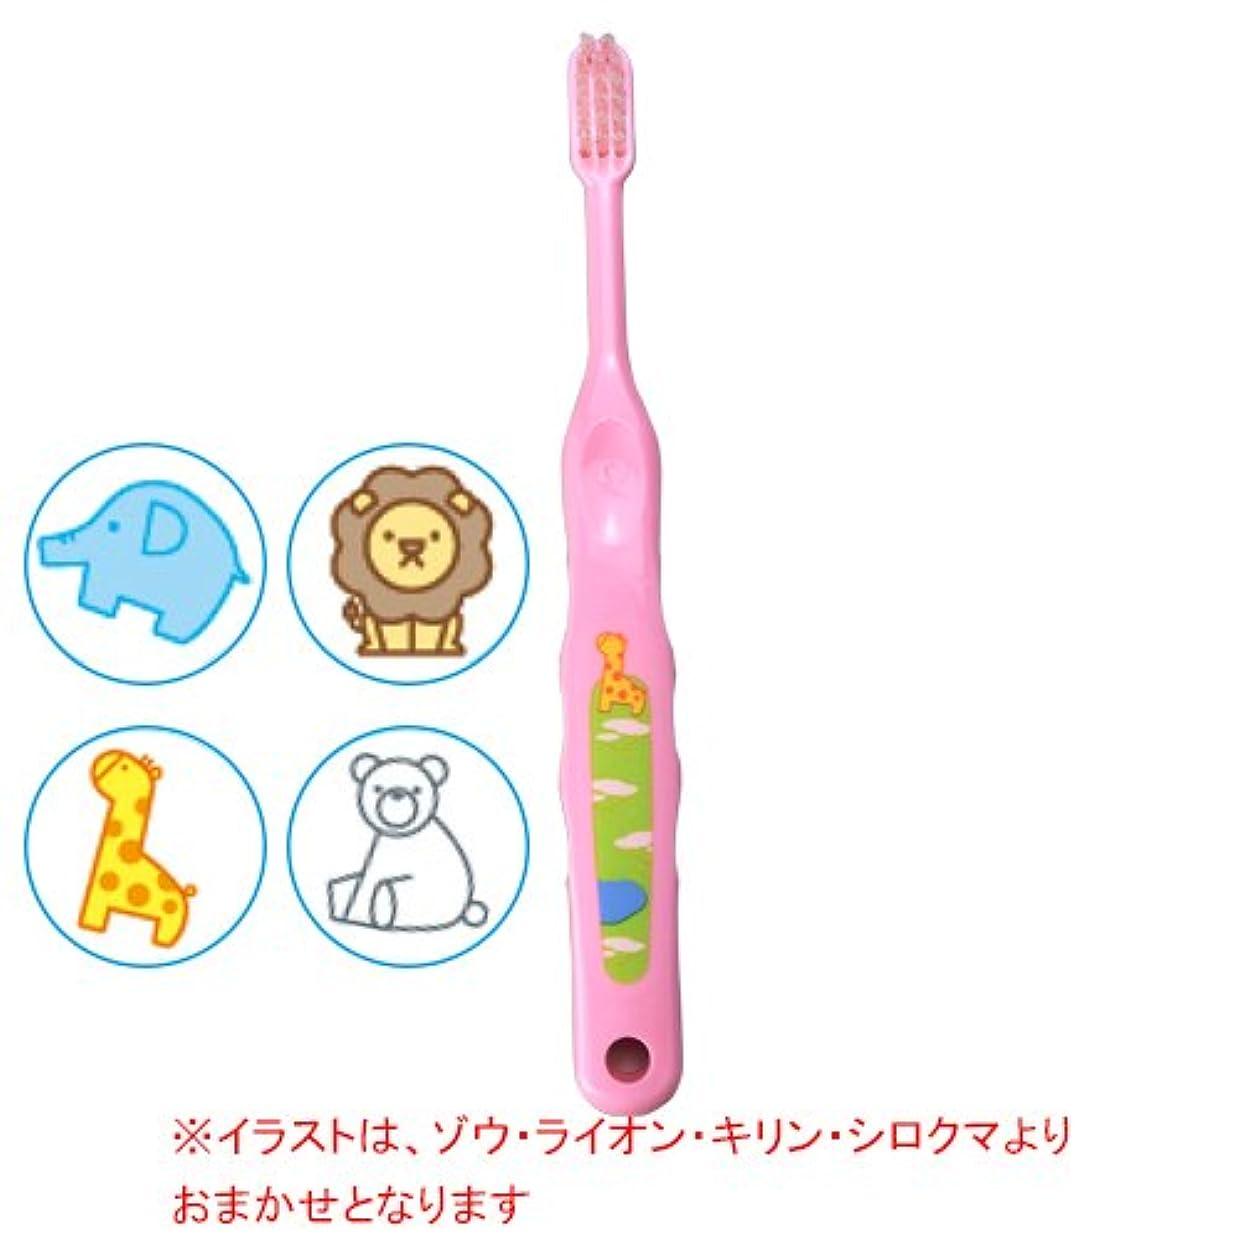 リクルート規模洞窟Ciメディカル Ci なまえ歯ブラシ 502 (ふつう) (乳児から小学生向) 1本  (ピンク)